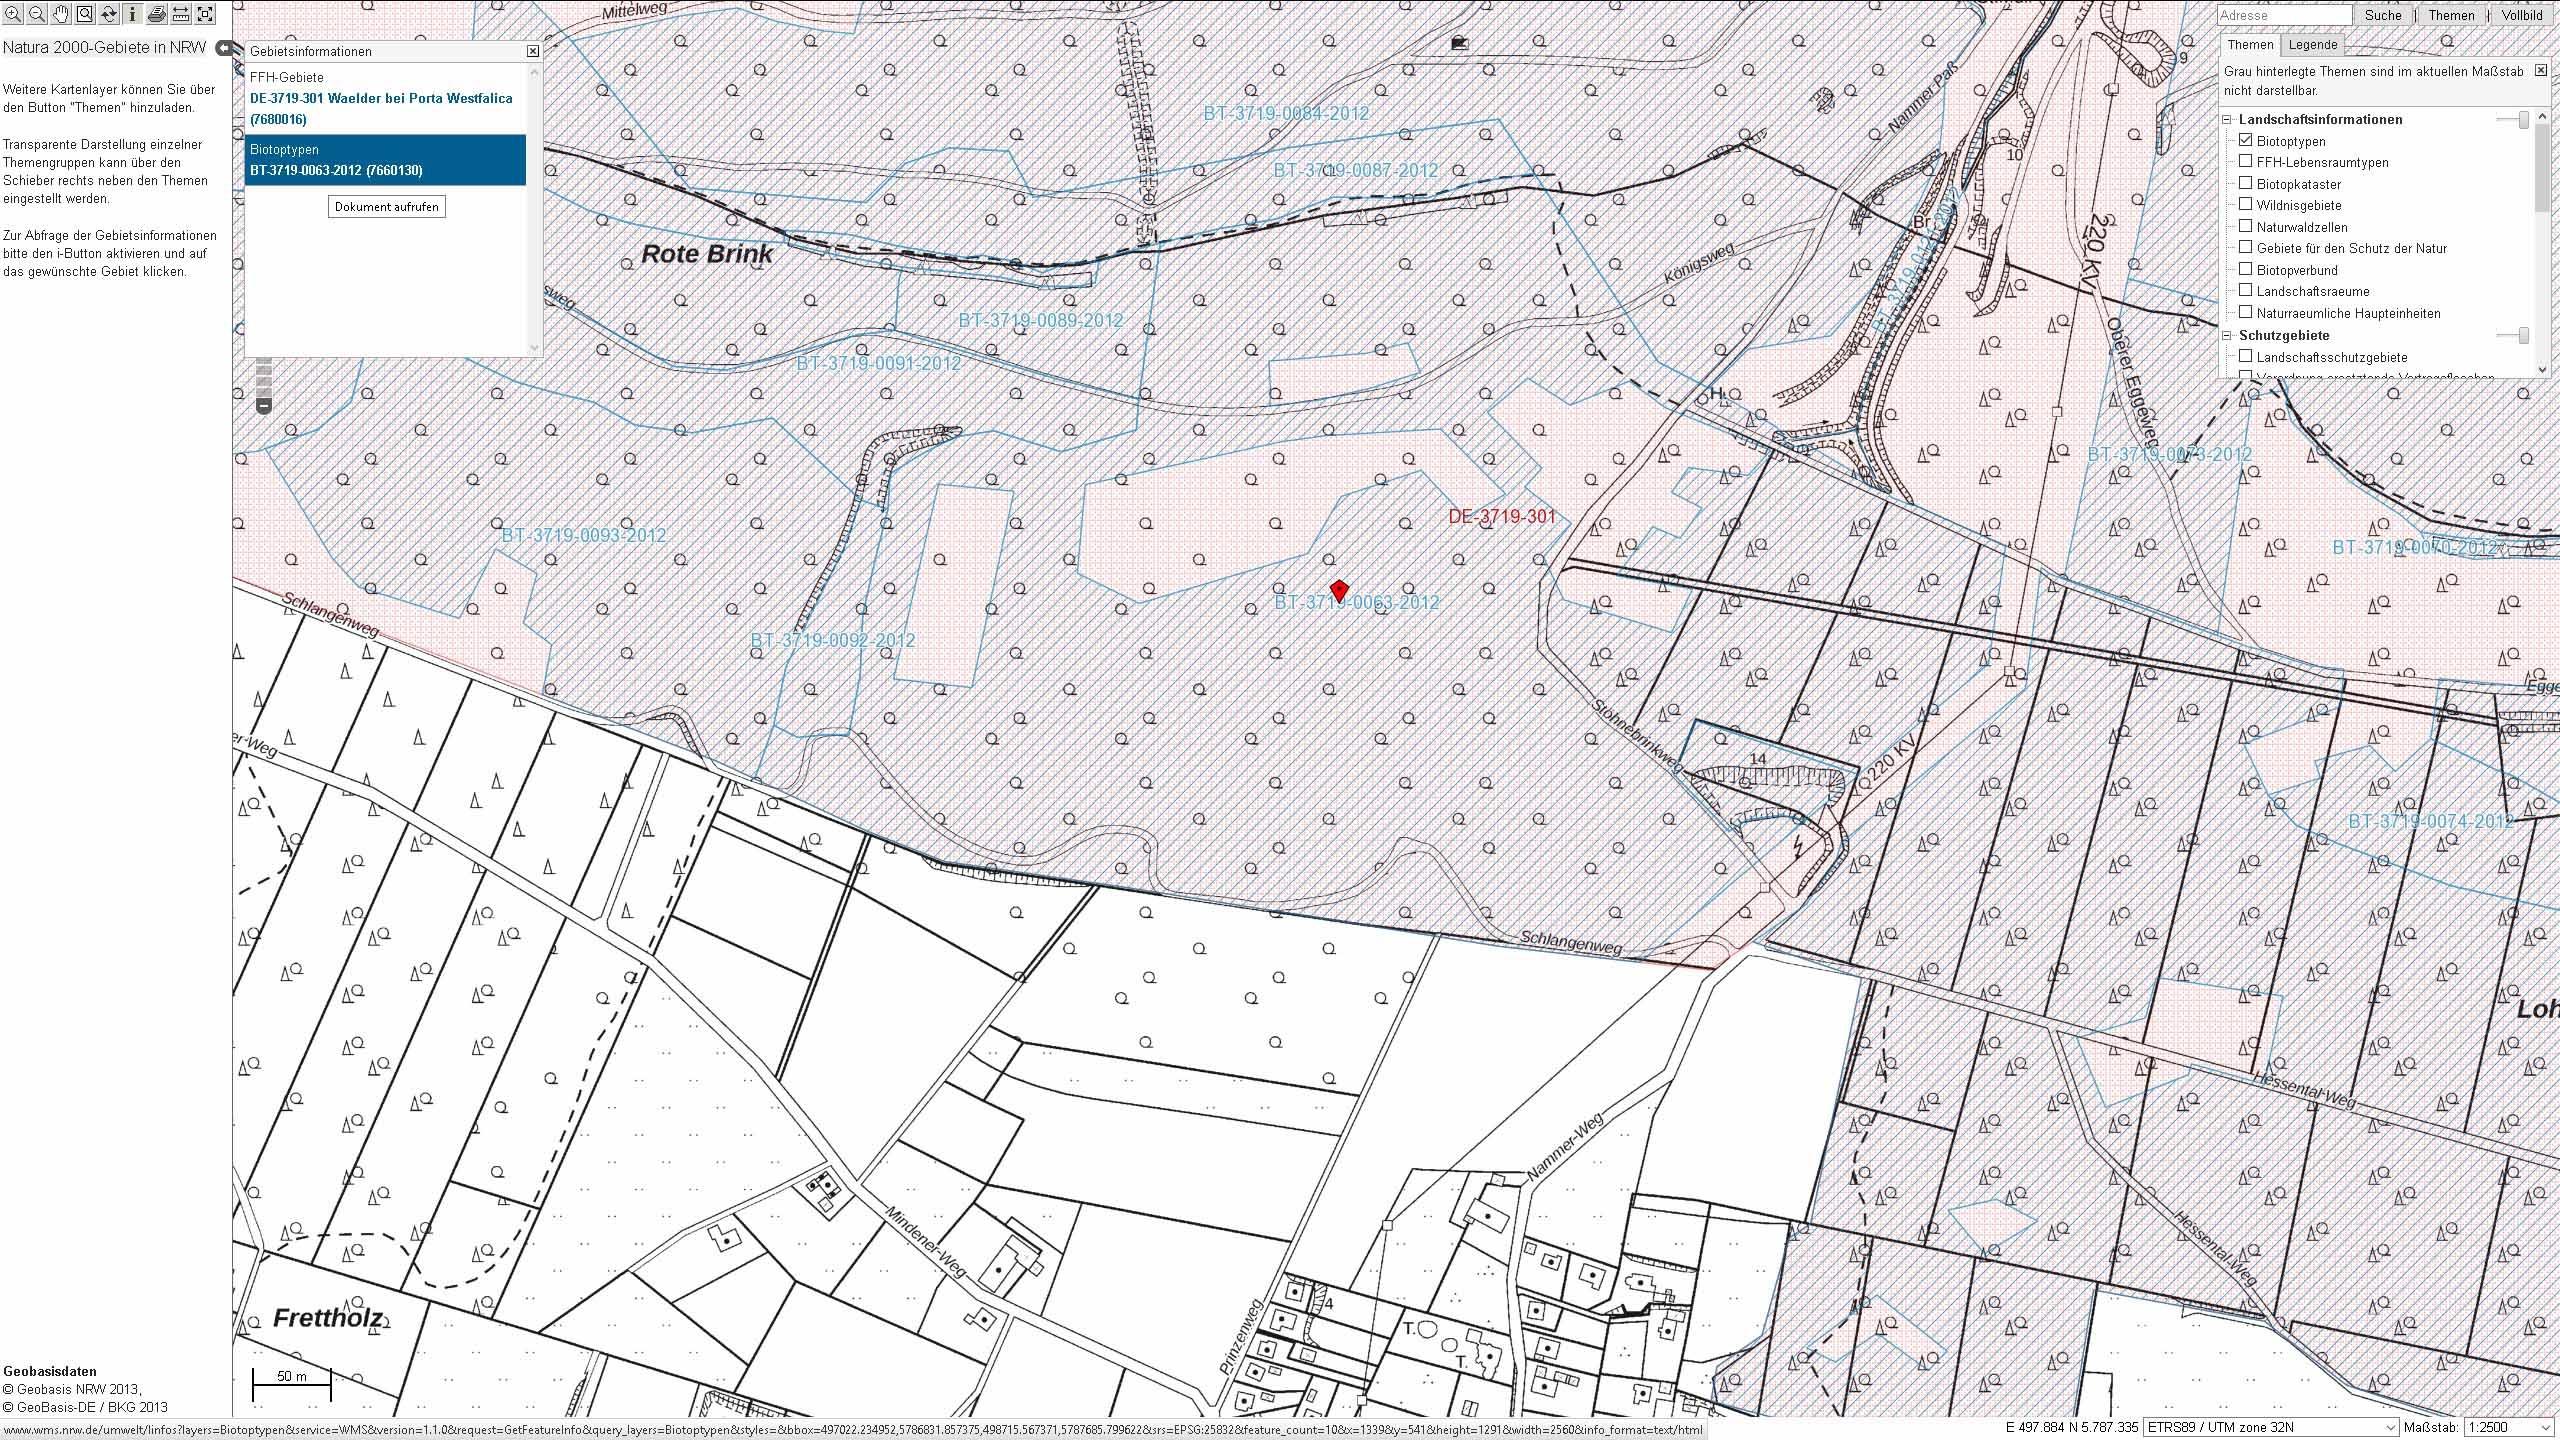 Biotoptypen im FFH-Gebiet Wälder bei Porta Westfalica